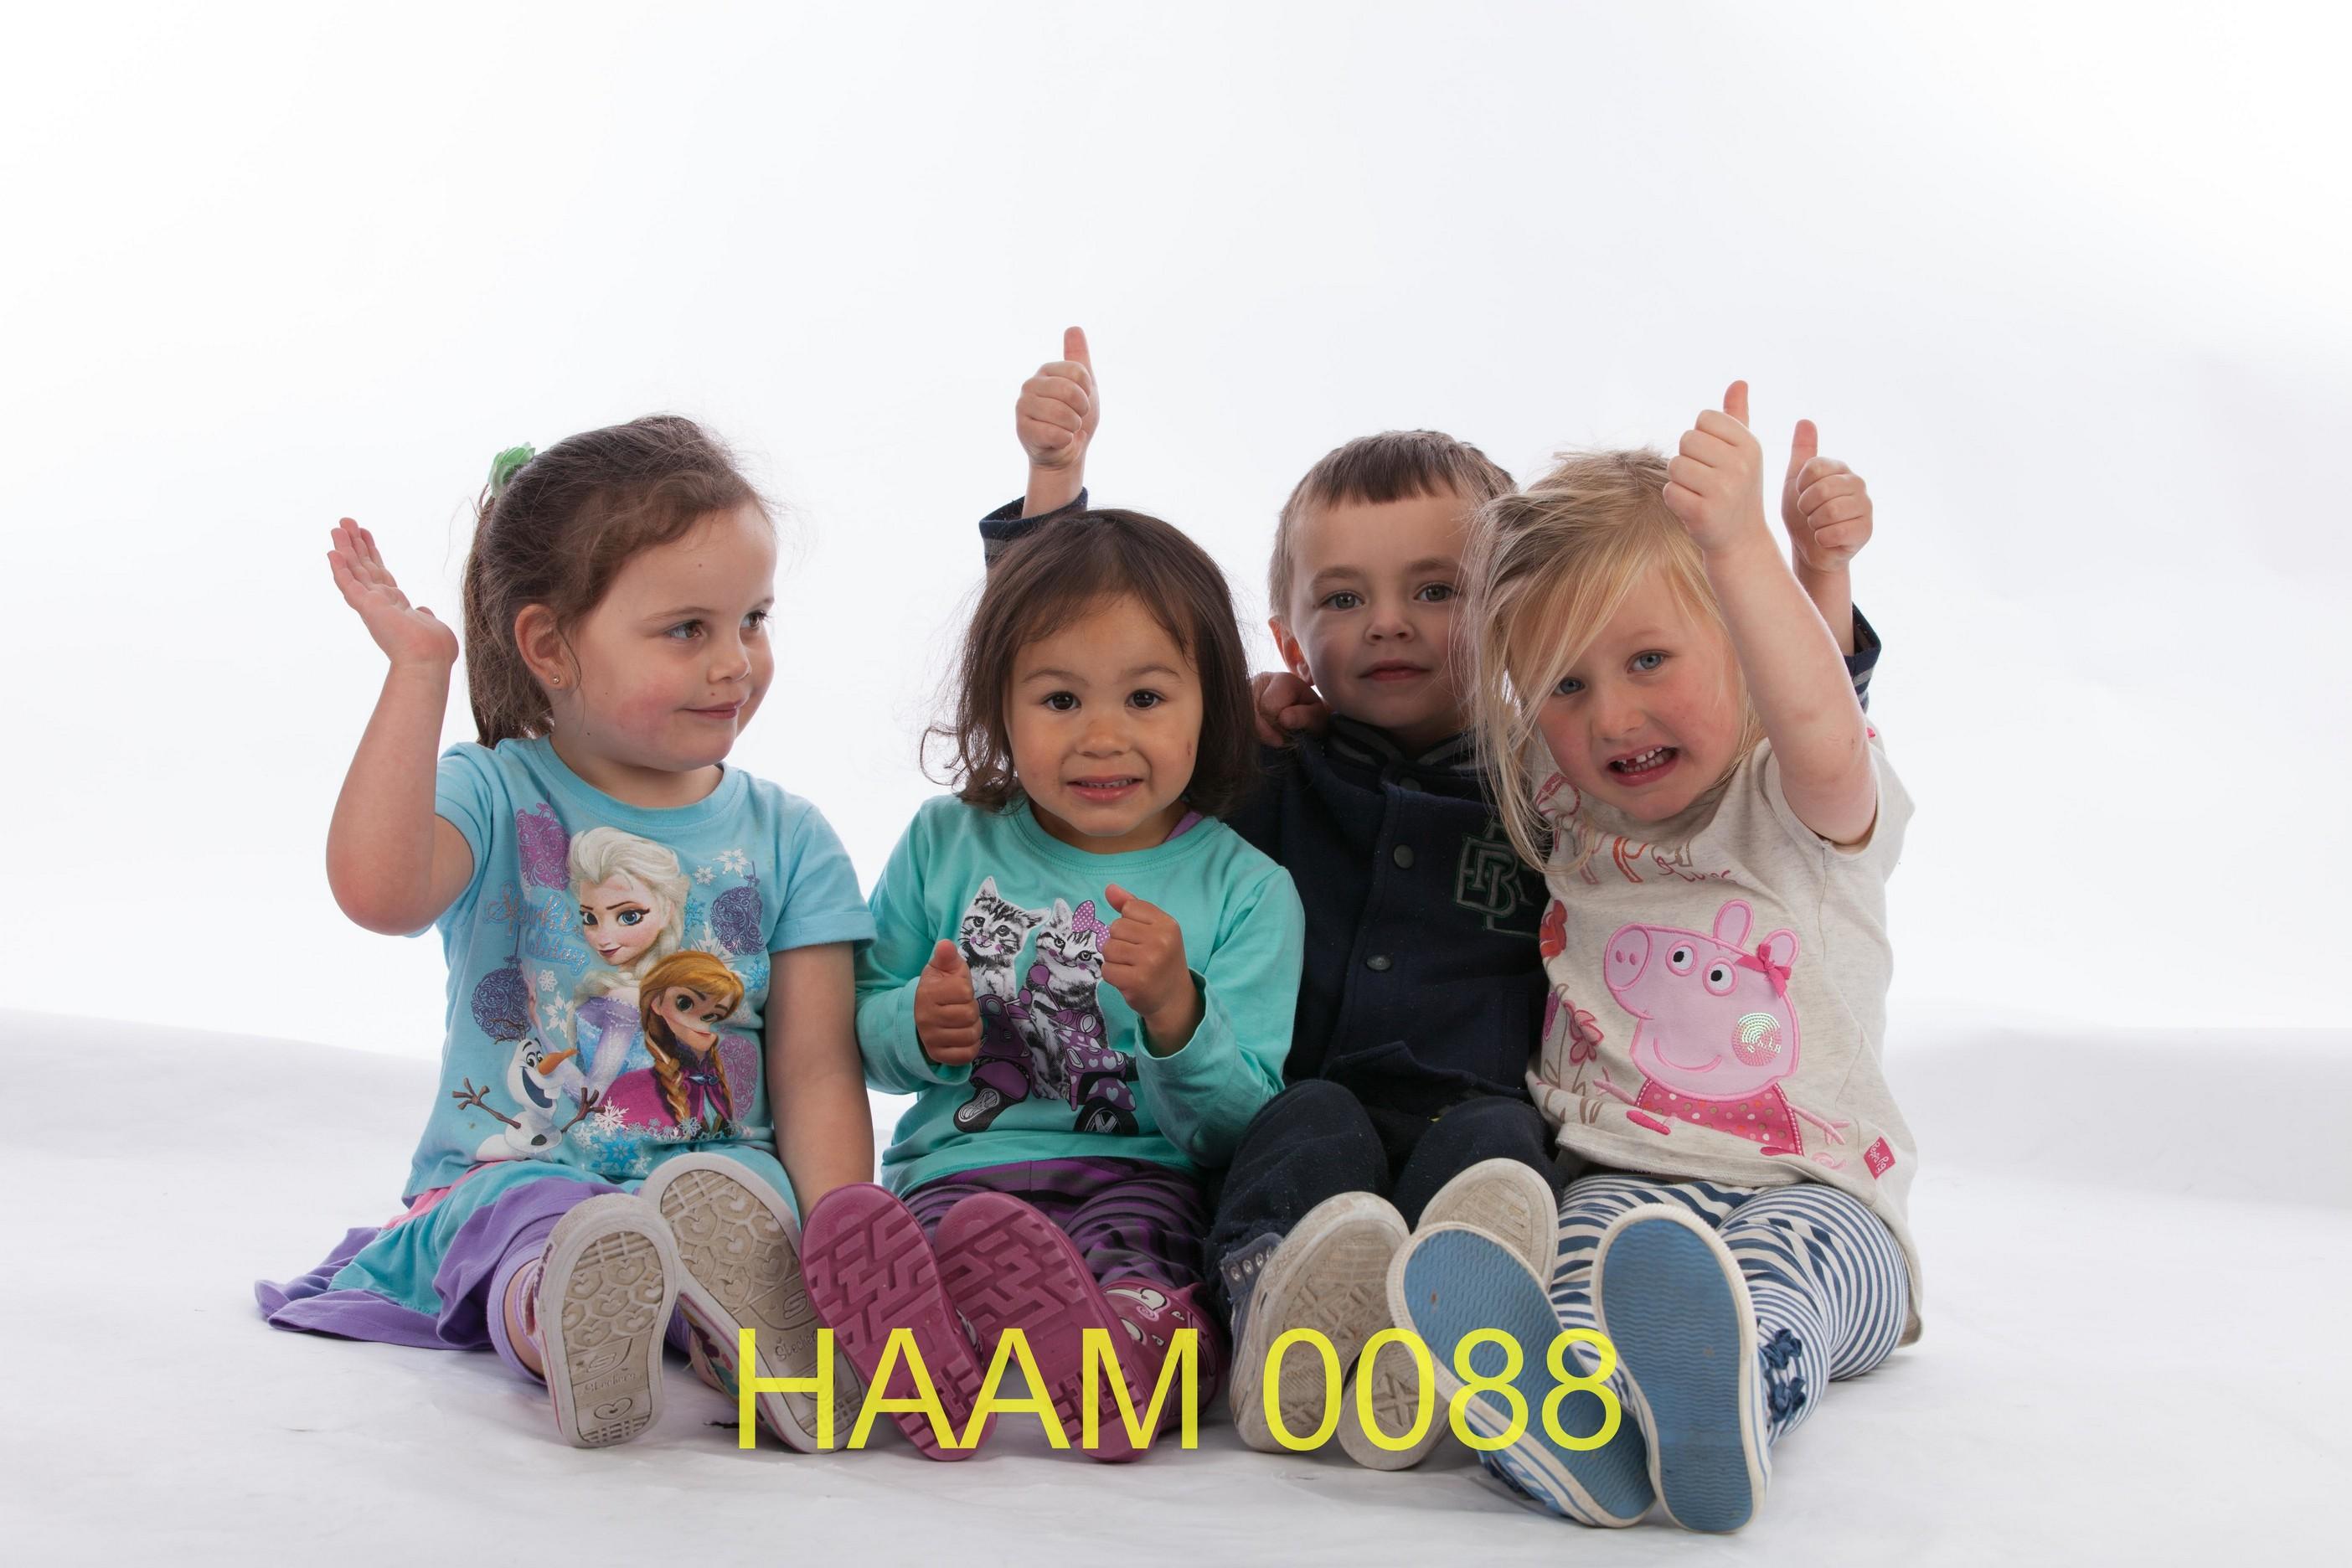 HAAM 0088